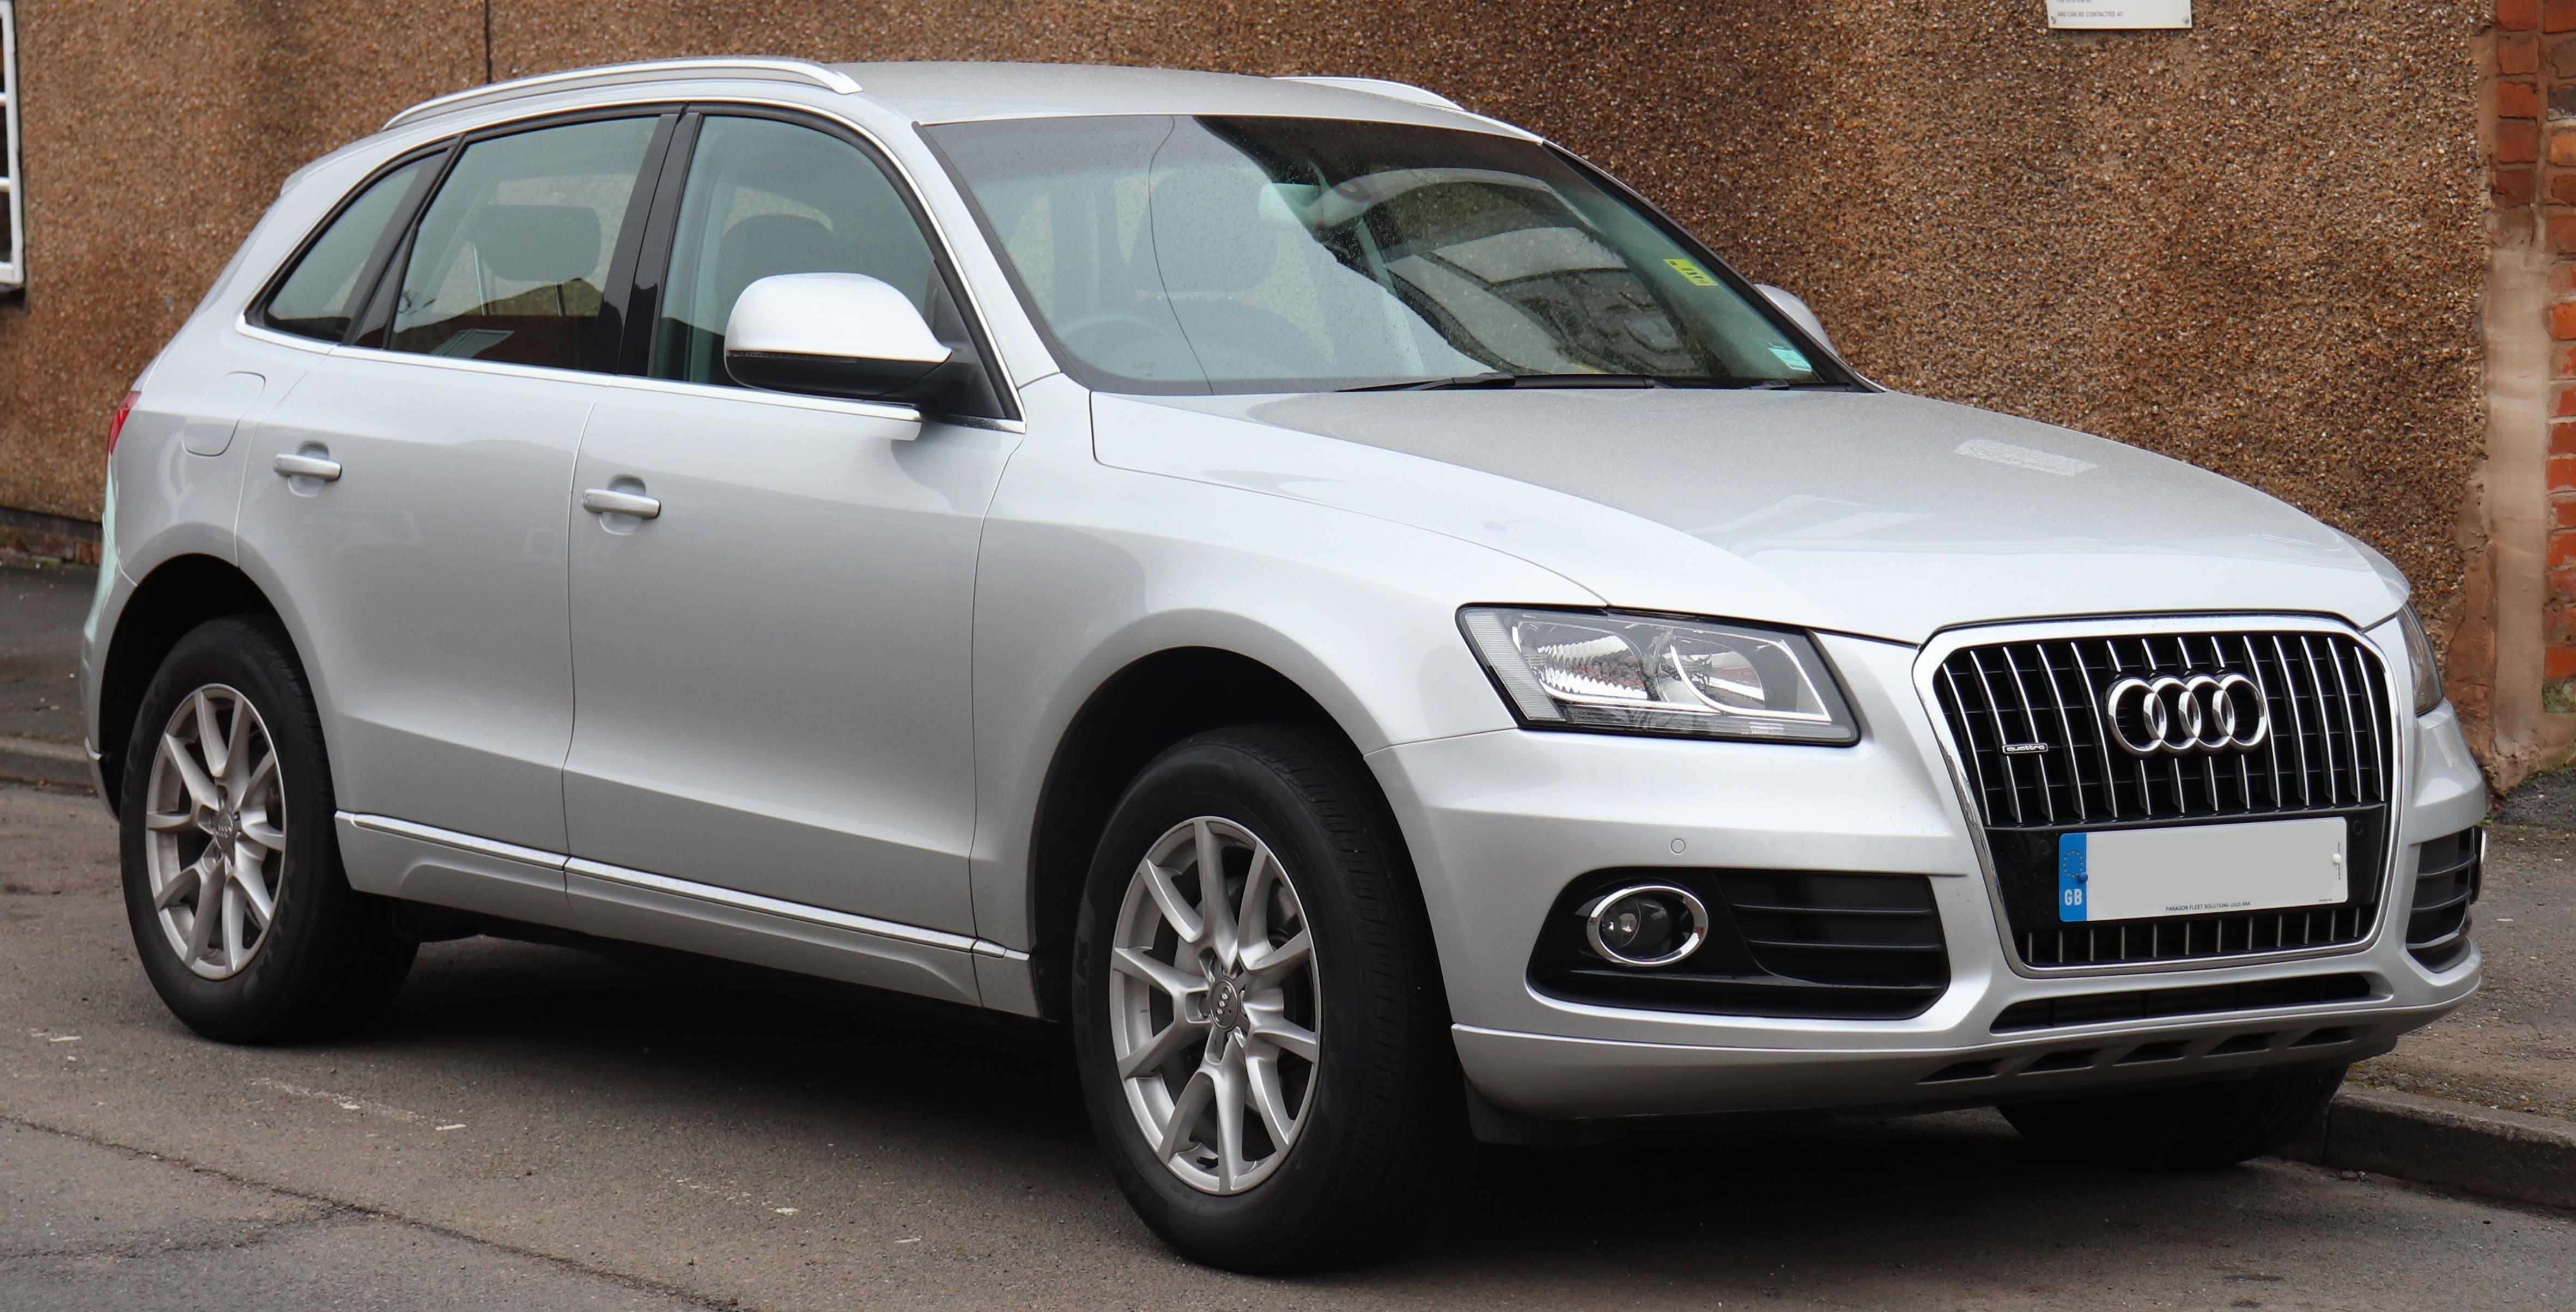 Kelebihan Kekurangan Audi Q5 2014 Perbandingan Harga